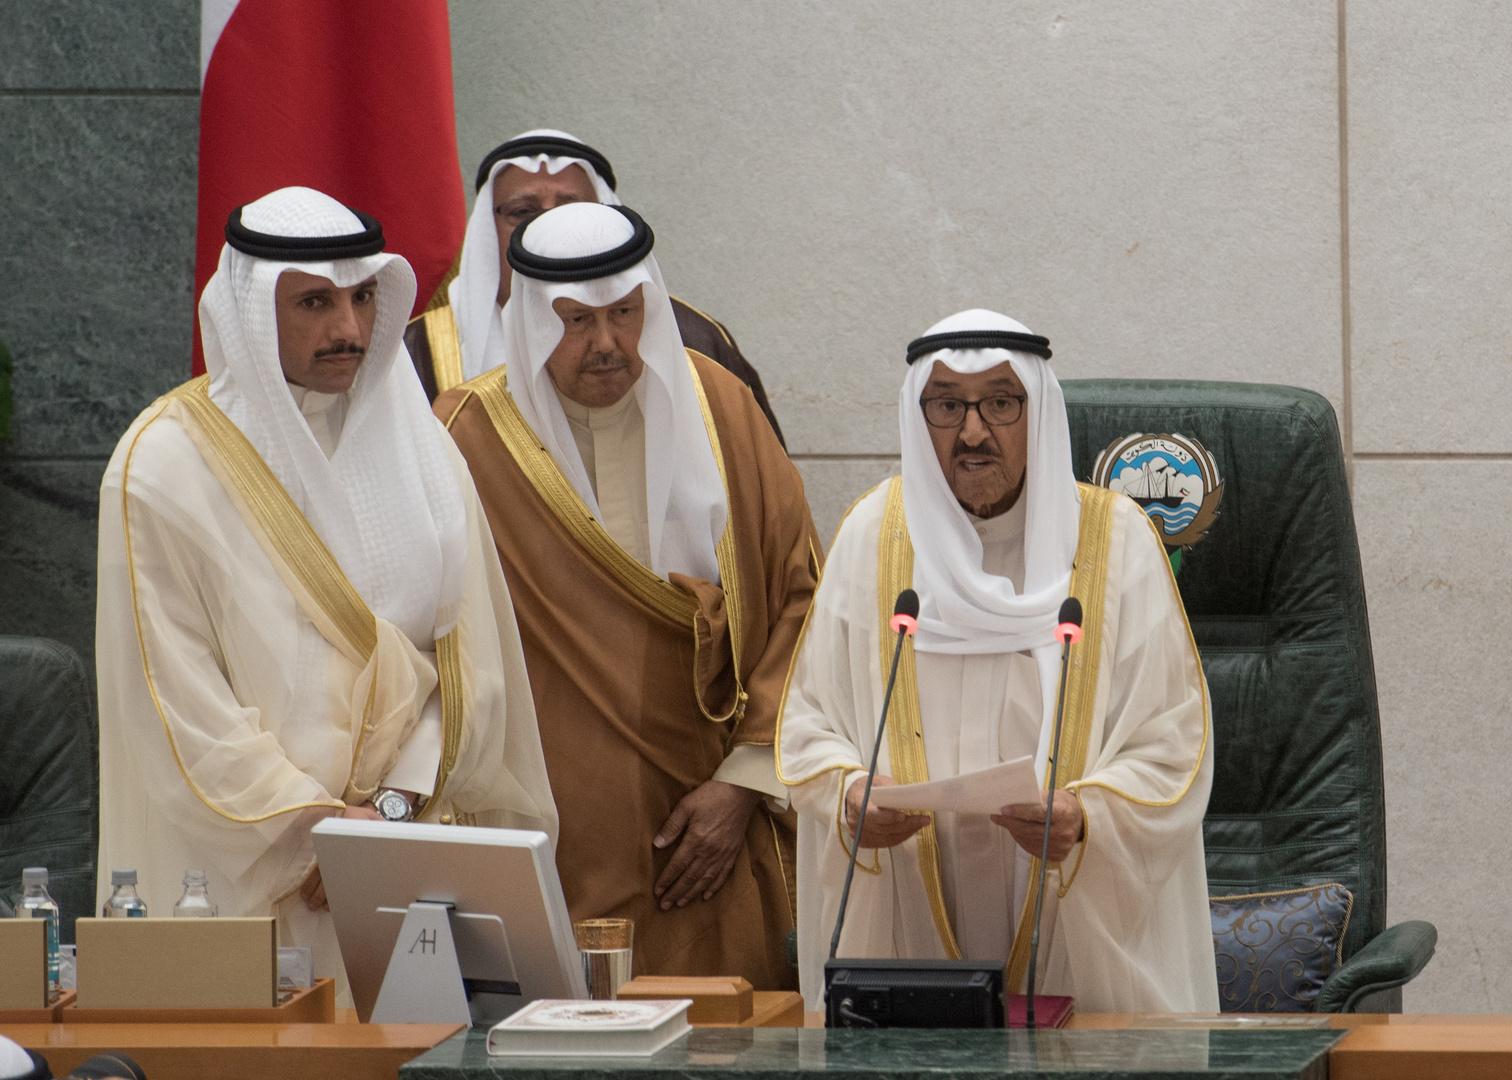 رسالة خطية من أمير الكويت إلى أمير قطر